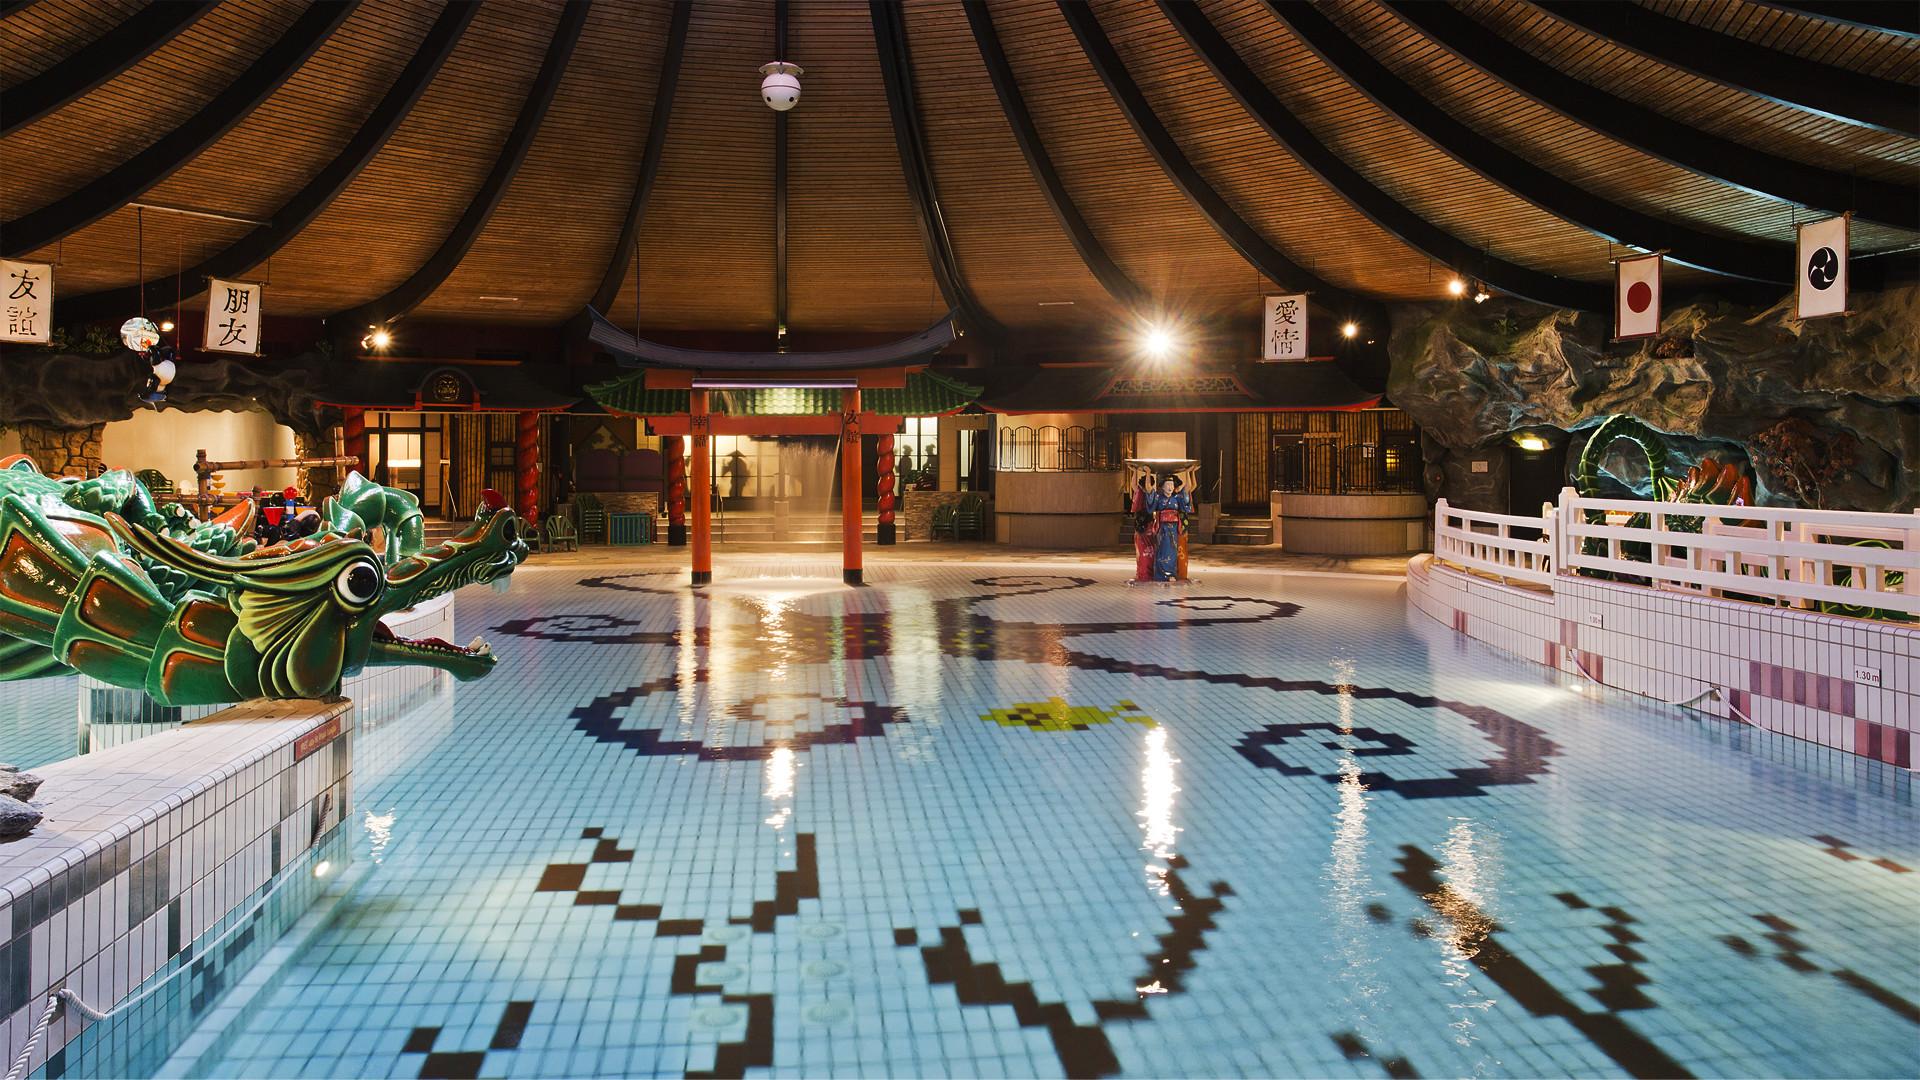 Uitgaanstip de bonte wever - Zwembad arrangement ...